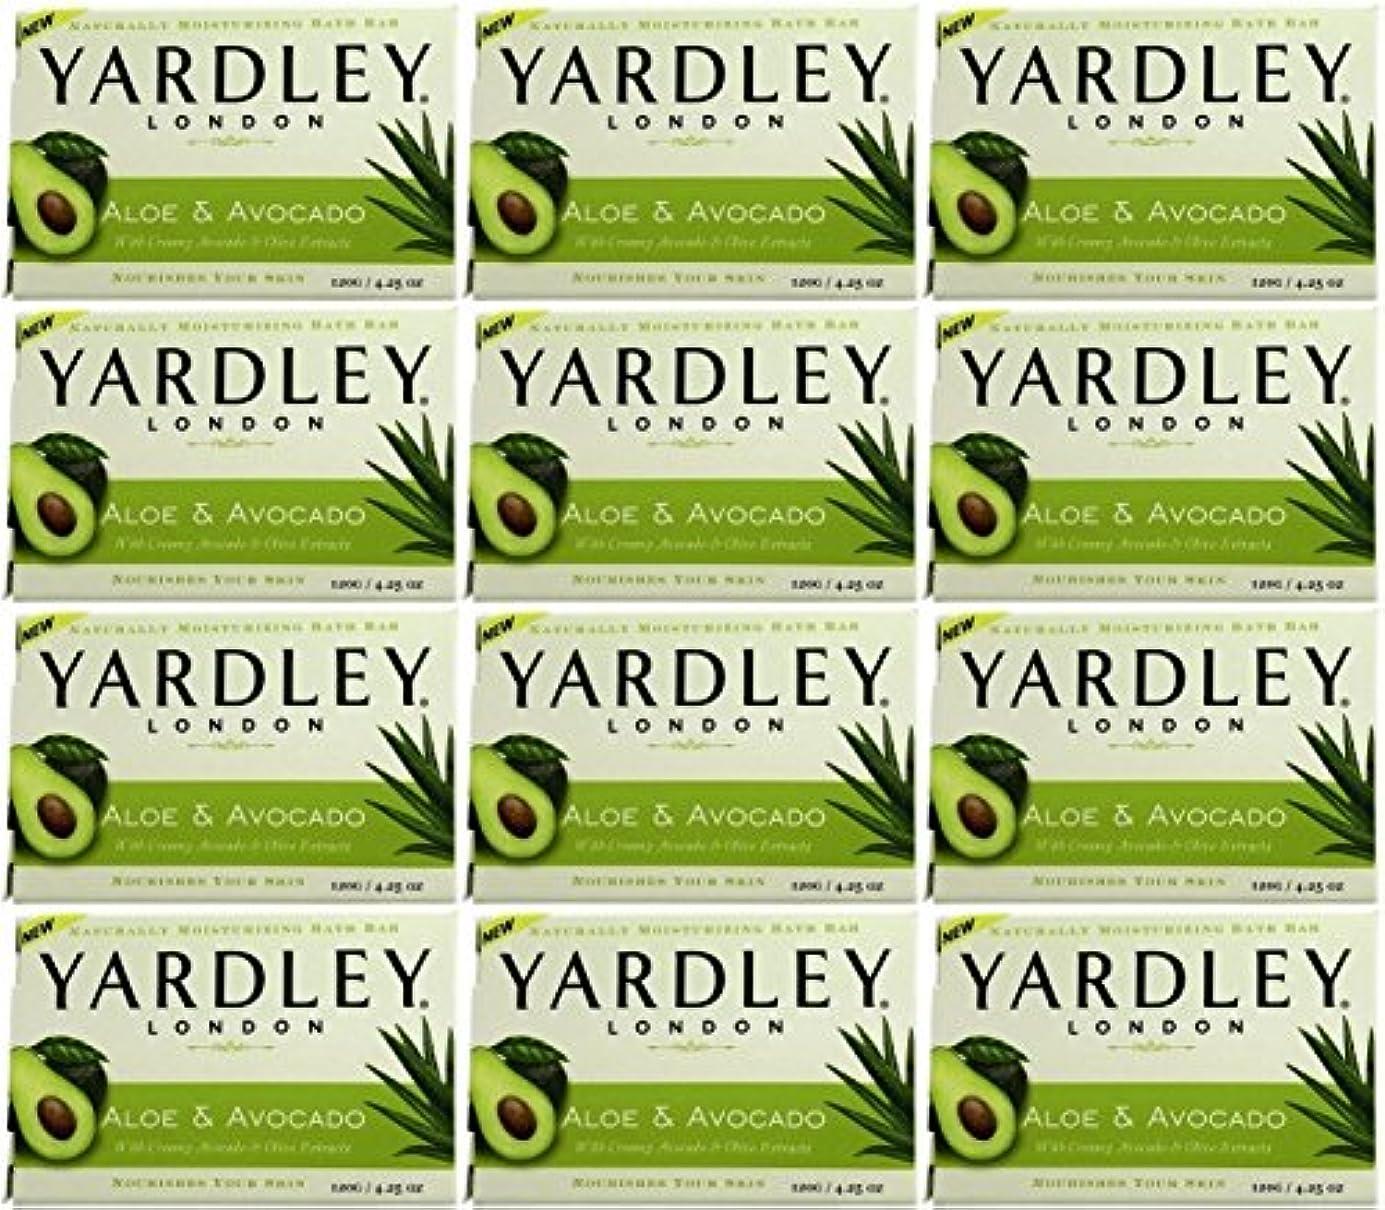 過言伝説性差別Yardley ロンドンアロエアボカド当然のことながら保湿入浴バー4.25オズ(12パック) 12のパック ヌル